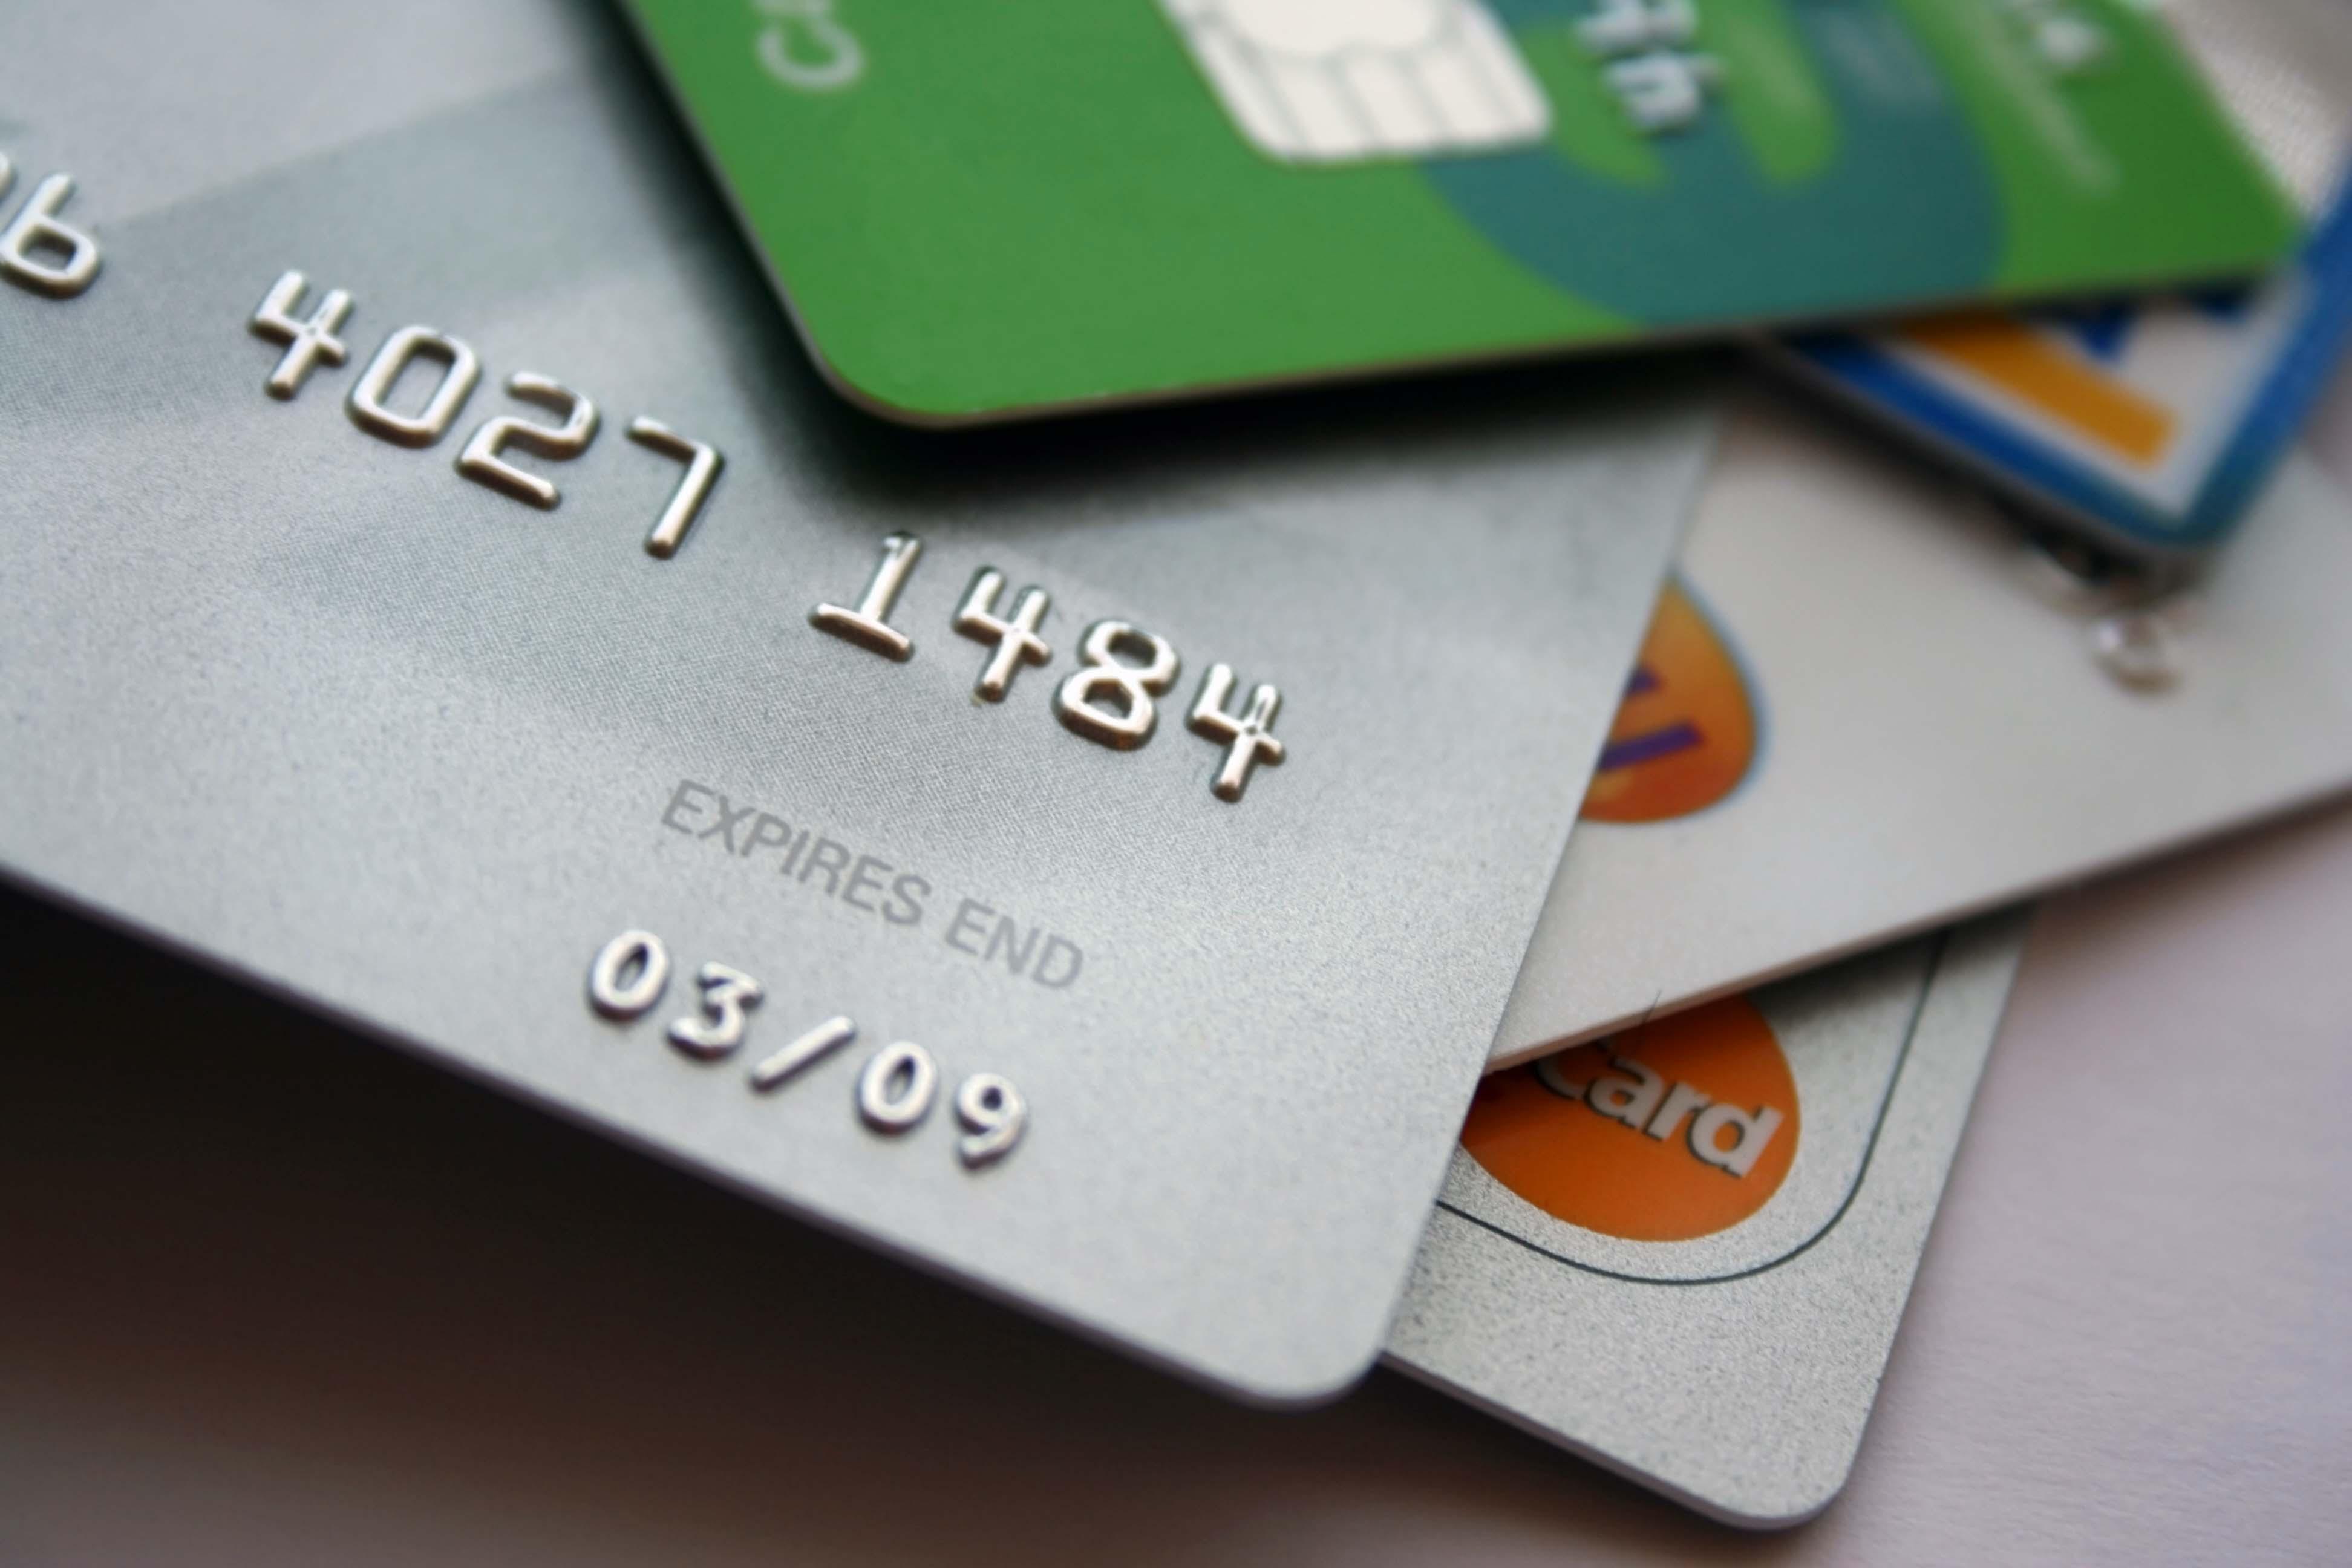 Tagliacozzo: ruba carta di credito, denunciato